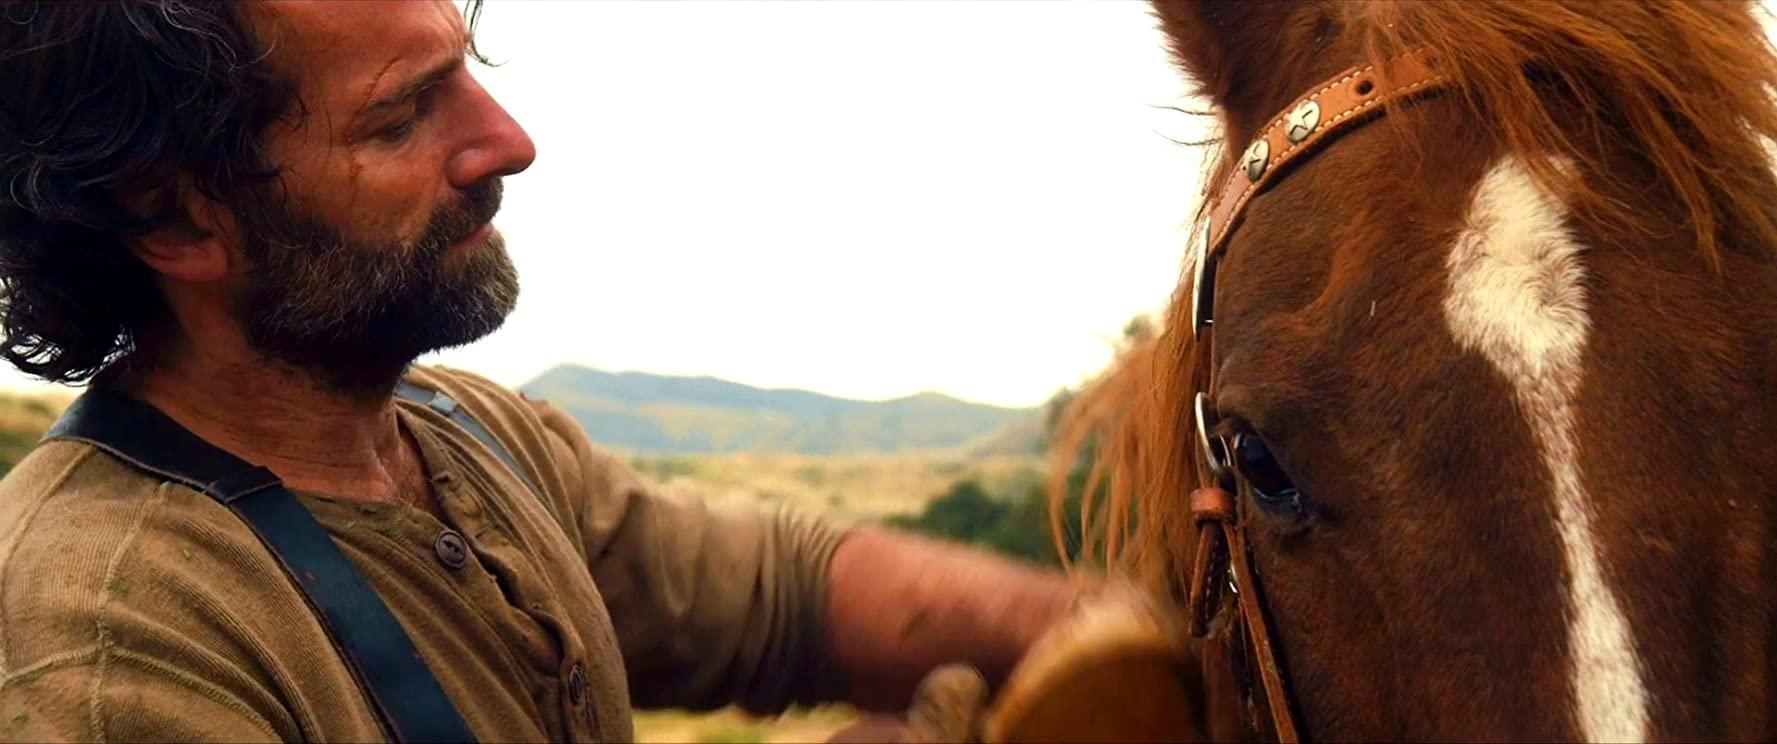 مشاهدة فيلم Badland (2019) مترجم HD اون لاين